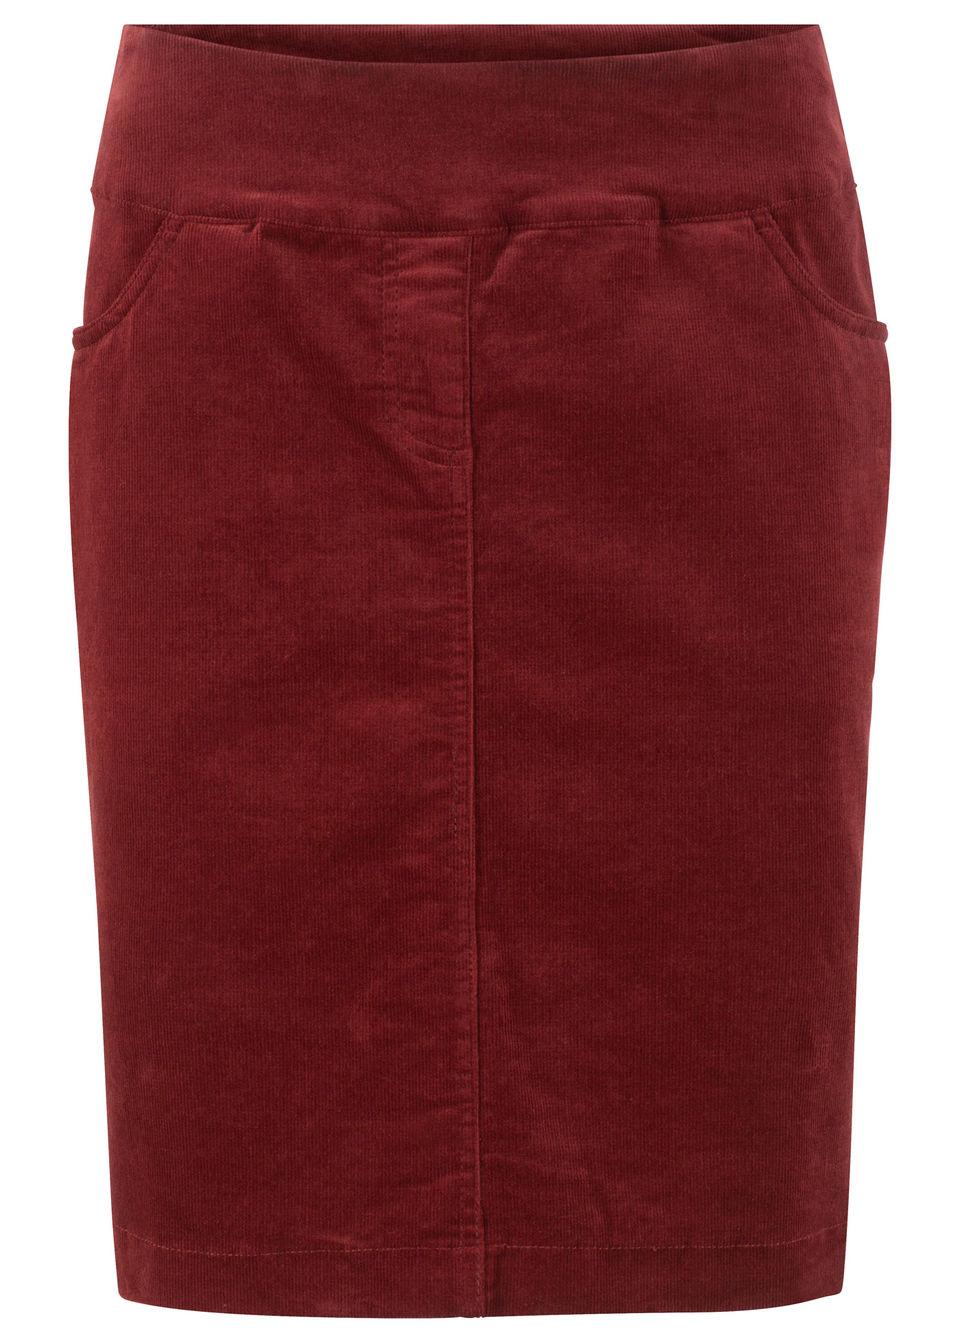 Spódnica sztruksowa ze stretchem i karczkiem bonprix czerwony kasztanowy